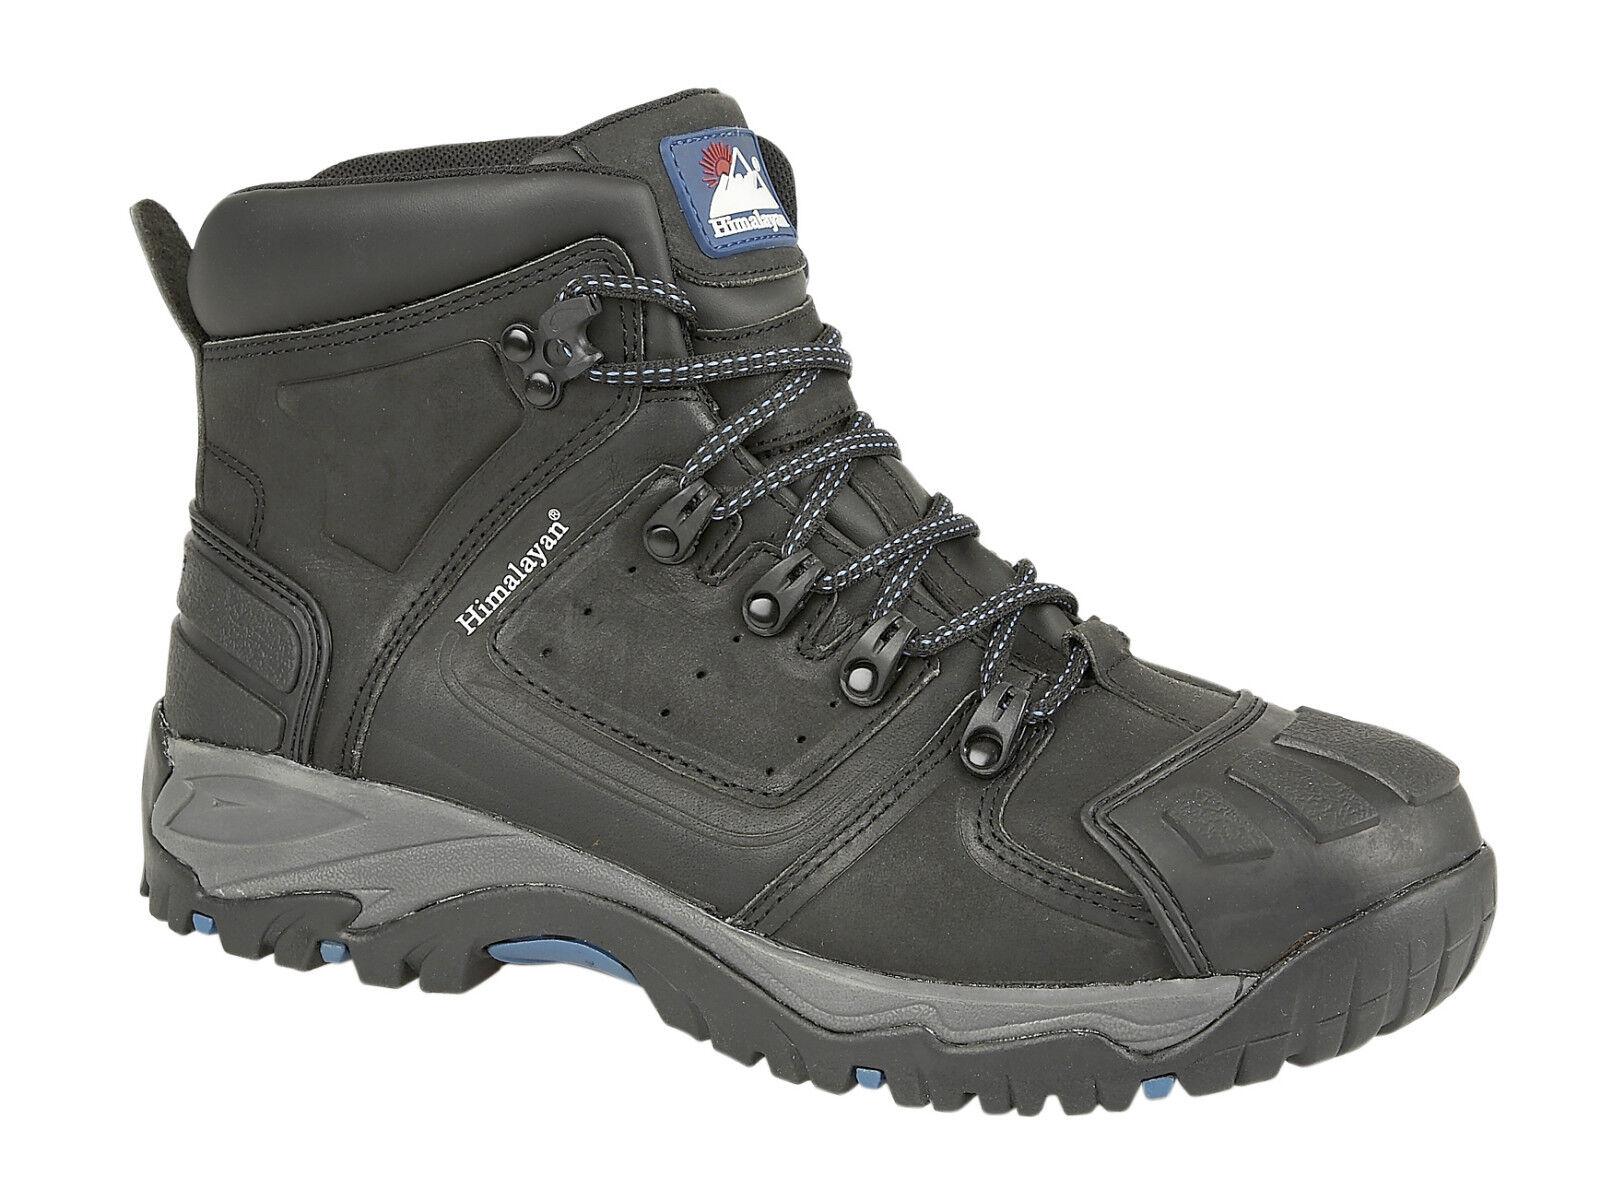 Himalayan 5206 s3 SRC In Pelle Nera Punta Acciaio Impermeabile Stivali di Sicurezza PPE | Commercio All'ingrosso  | Scolaro/Ragazze Scarpa